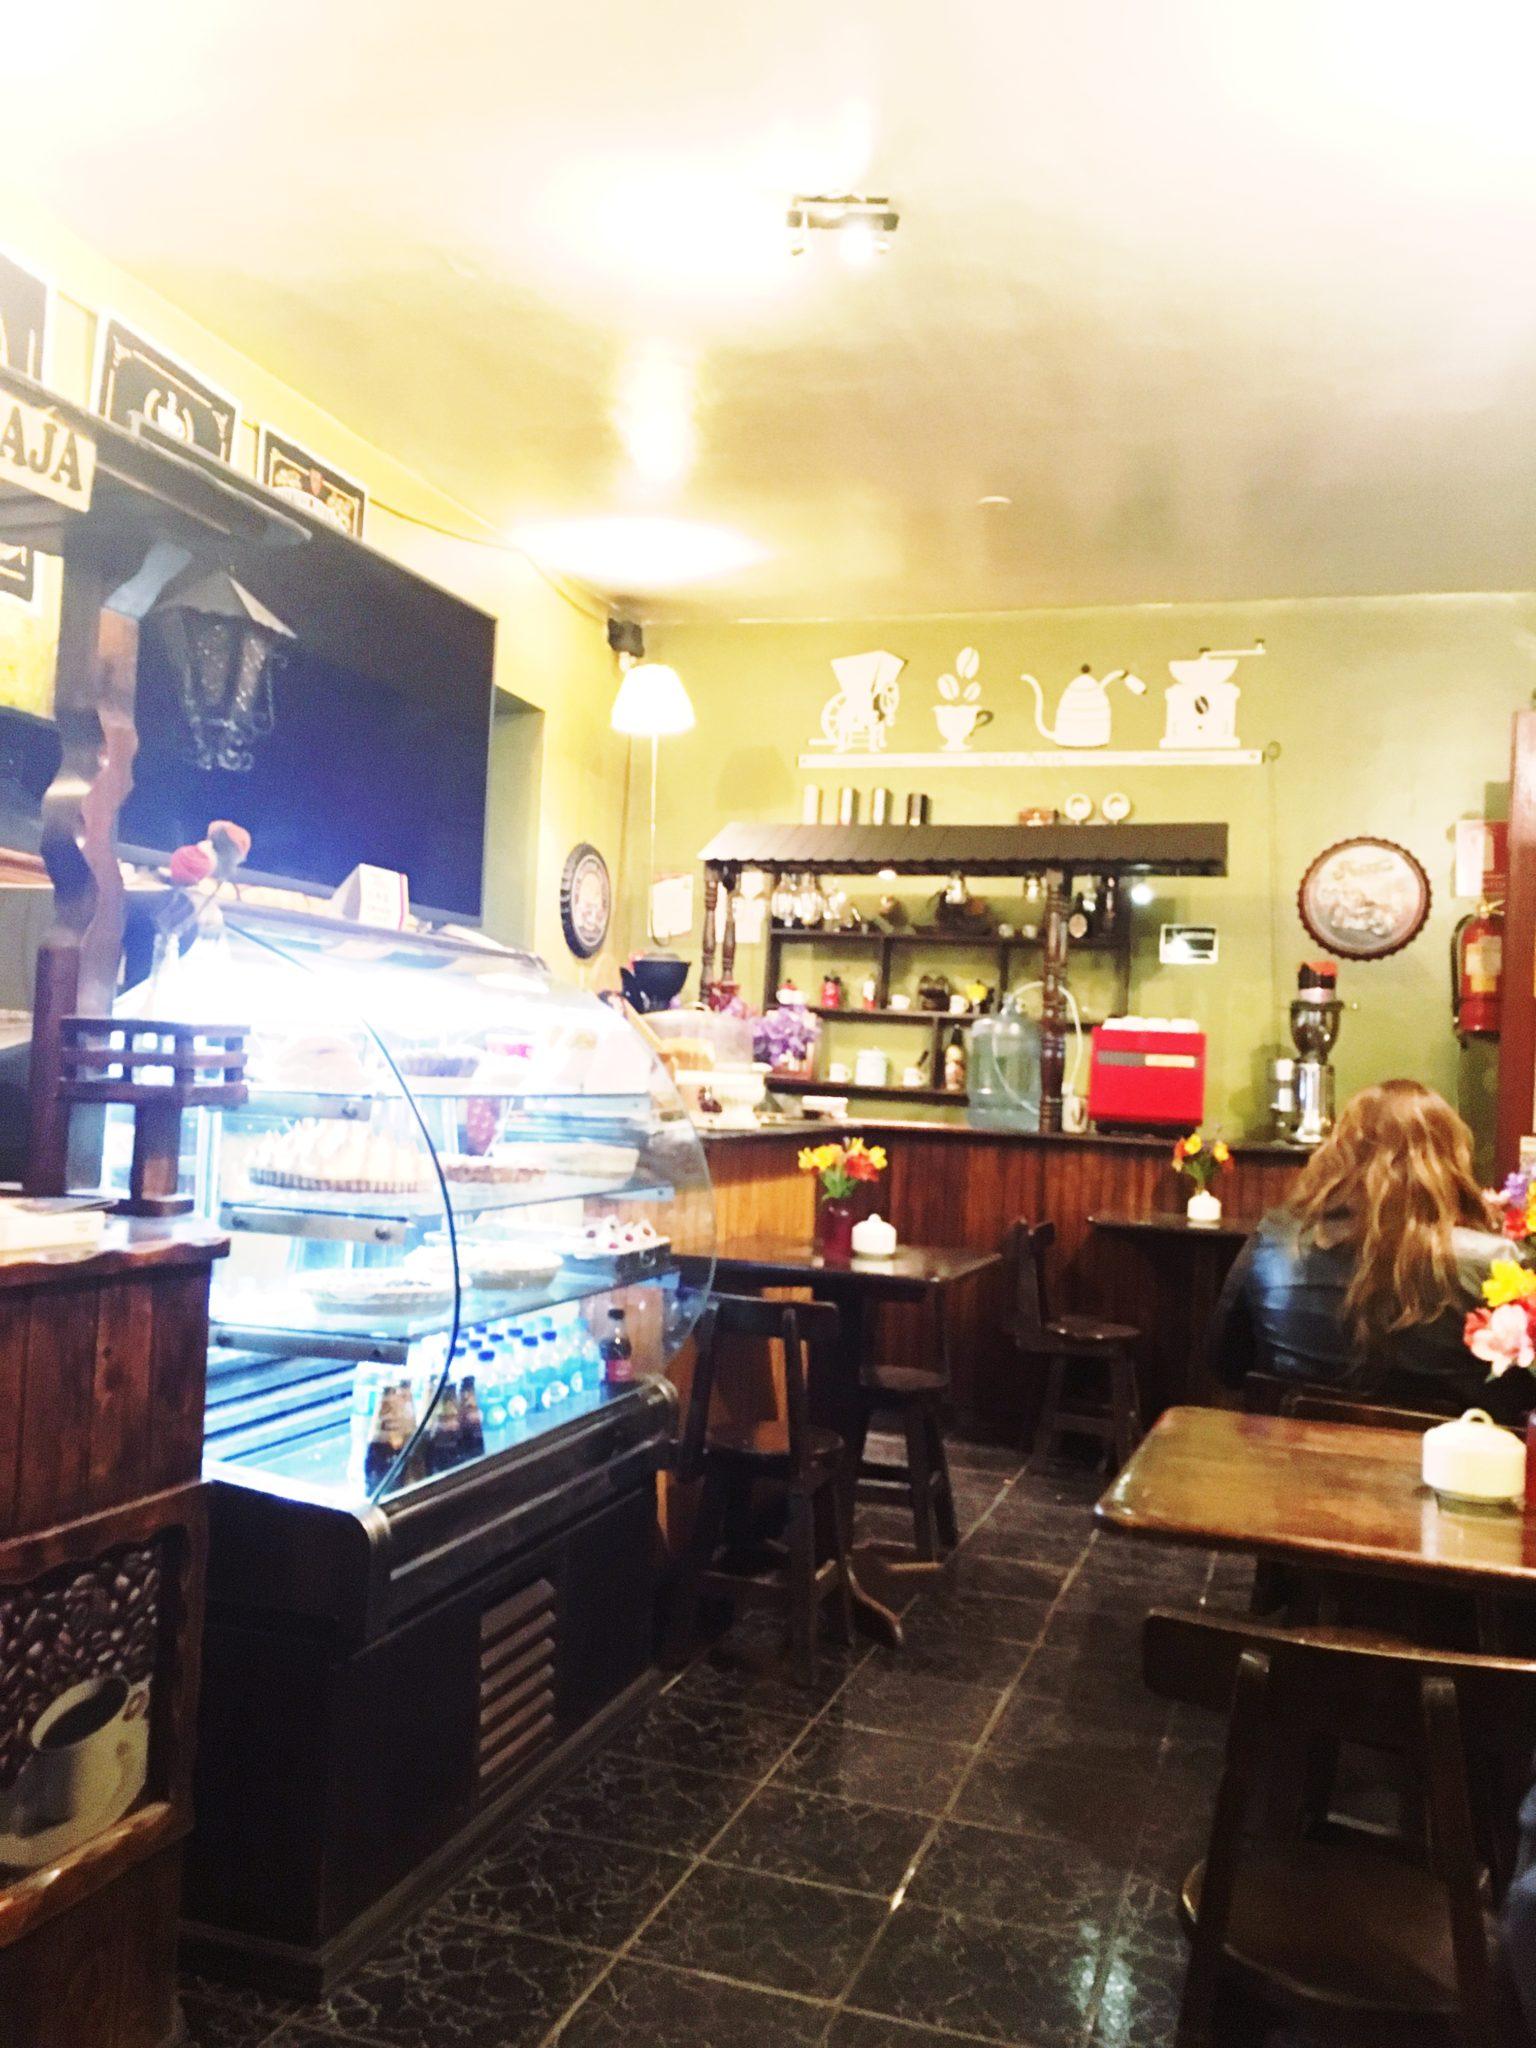 ペルー, クスコ, カフェ, おいしい, おすすめ, コーヒー